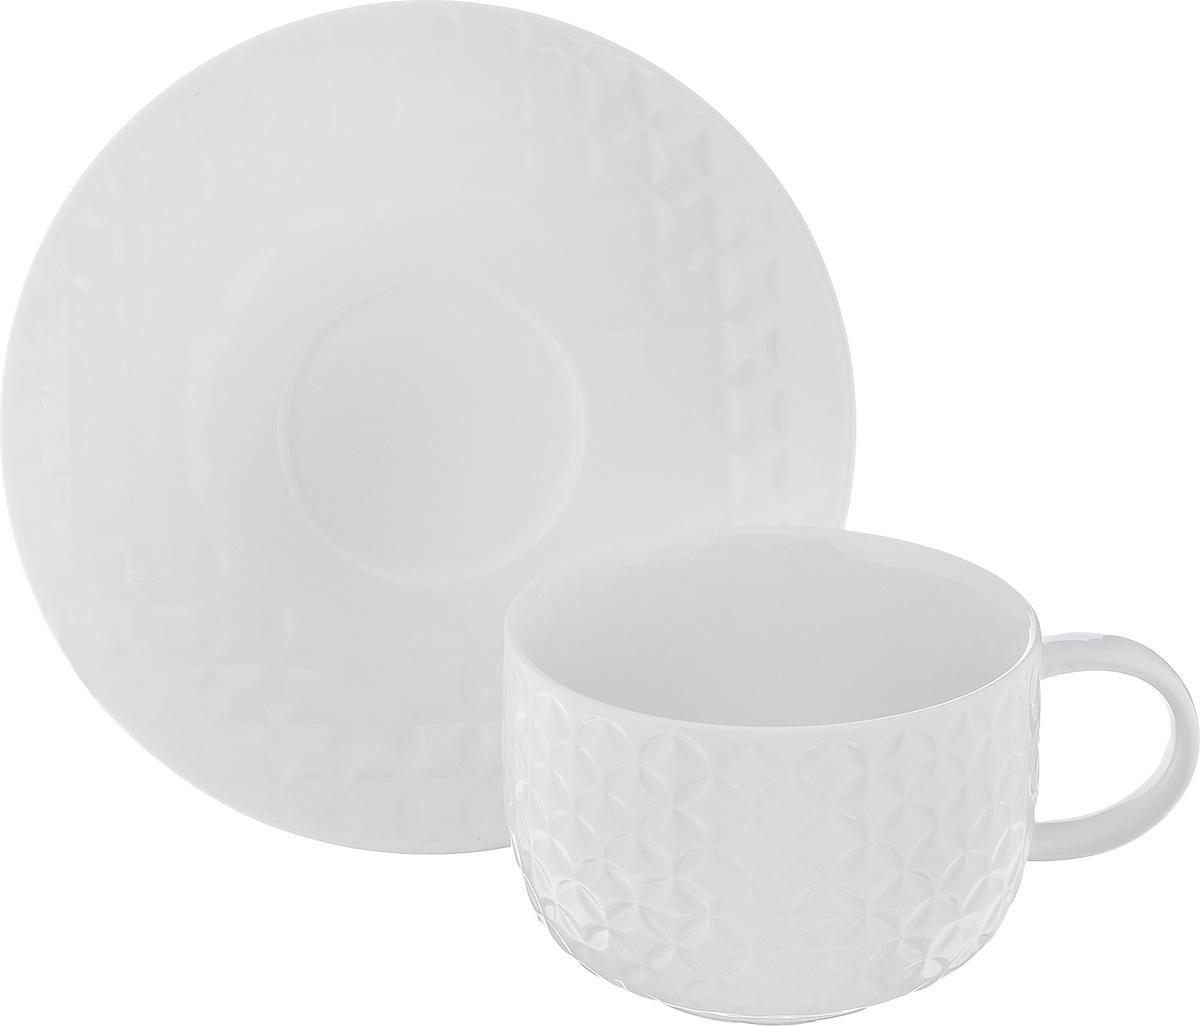 Чайная пара Walmer Quincy, цвет: молочный, 2 предмета290073Чайная пара Walmer Quincy состоит из чашки и блюдца, изготовленных из фарфора белого цвета. Внешние стенки чашки декорированы объемным изображением орнамента.Чайная пара Walmer Quincy украсит ваш кухонный стол, а также станет замечательным подарком к любому празднику.Объем чашки: 250 мл.Диаметр чашки (по верхнему краю): 9,2 см.Диаметр основания: 5 см.Высота чашки: 6,5 см.Диаметр блюдца (по верхнему краю): 15,5 см.